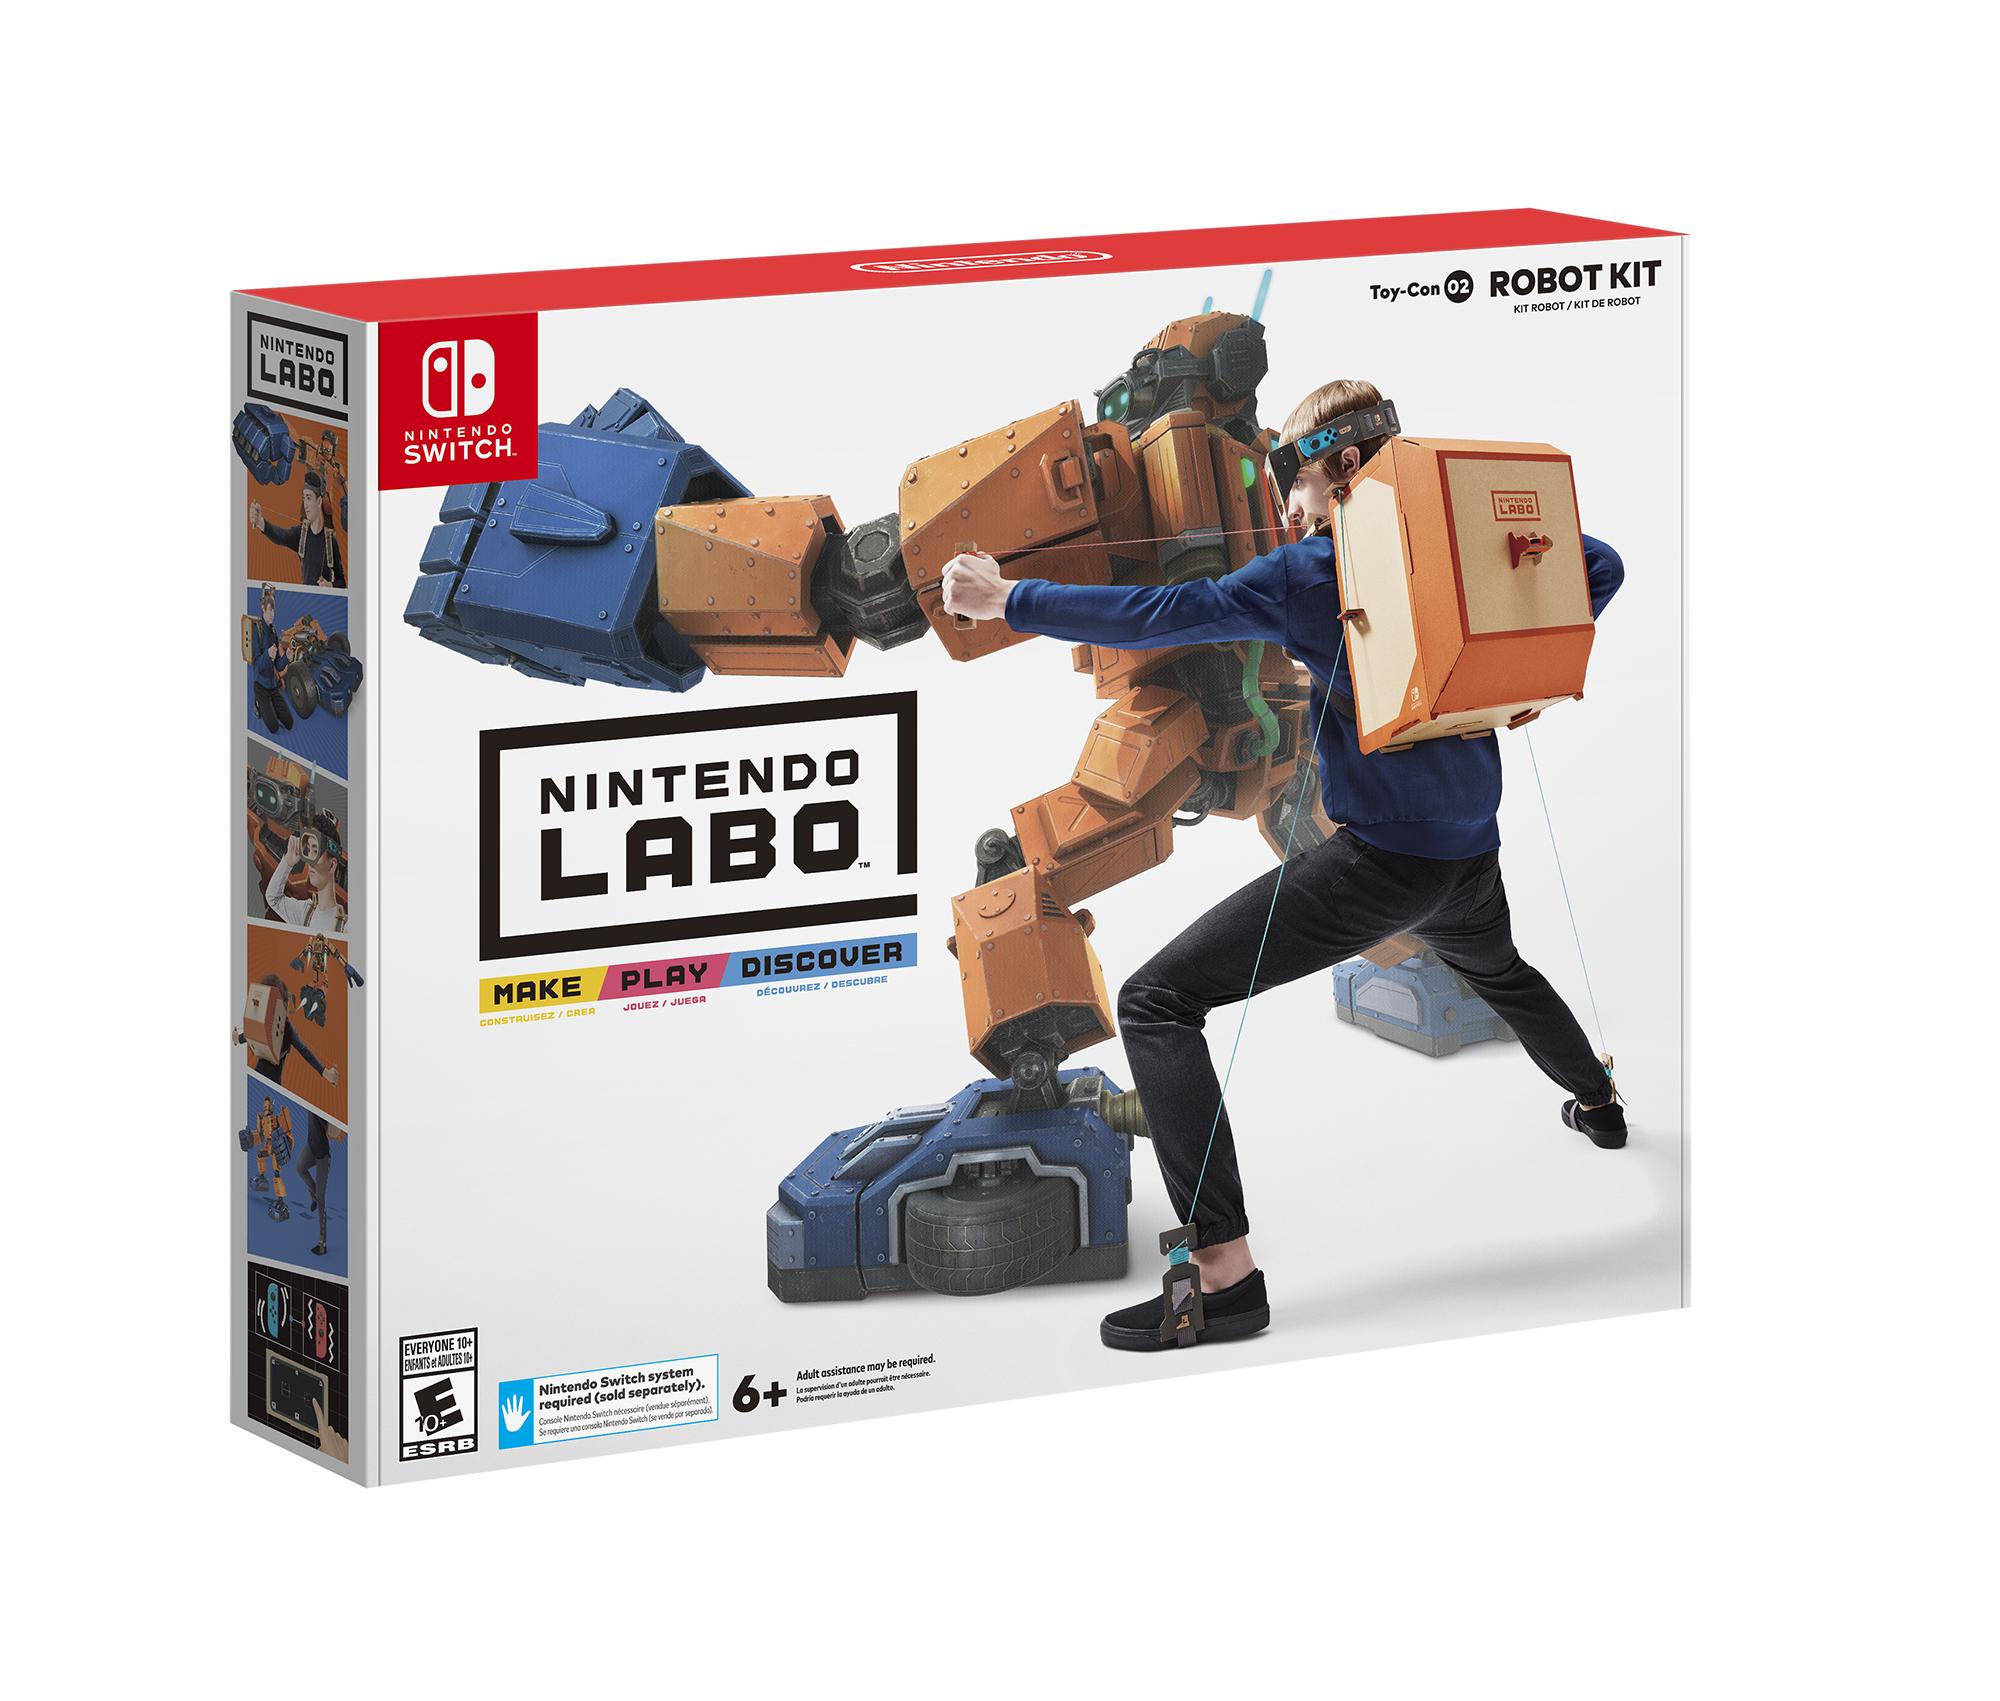 Nintendo Labo Robot Kit Switch Walmart B&M YMMV $19